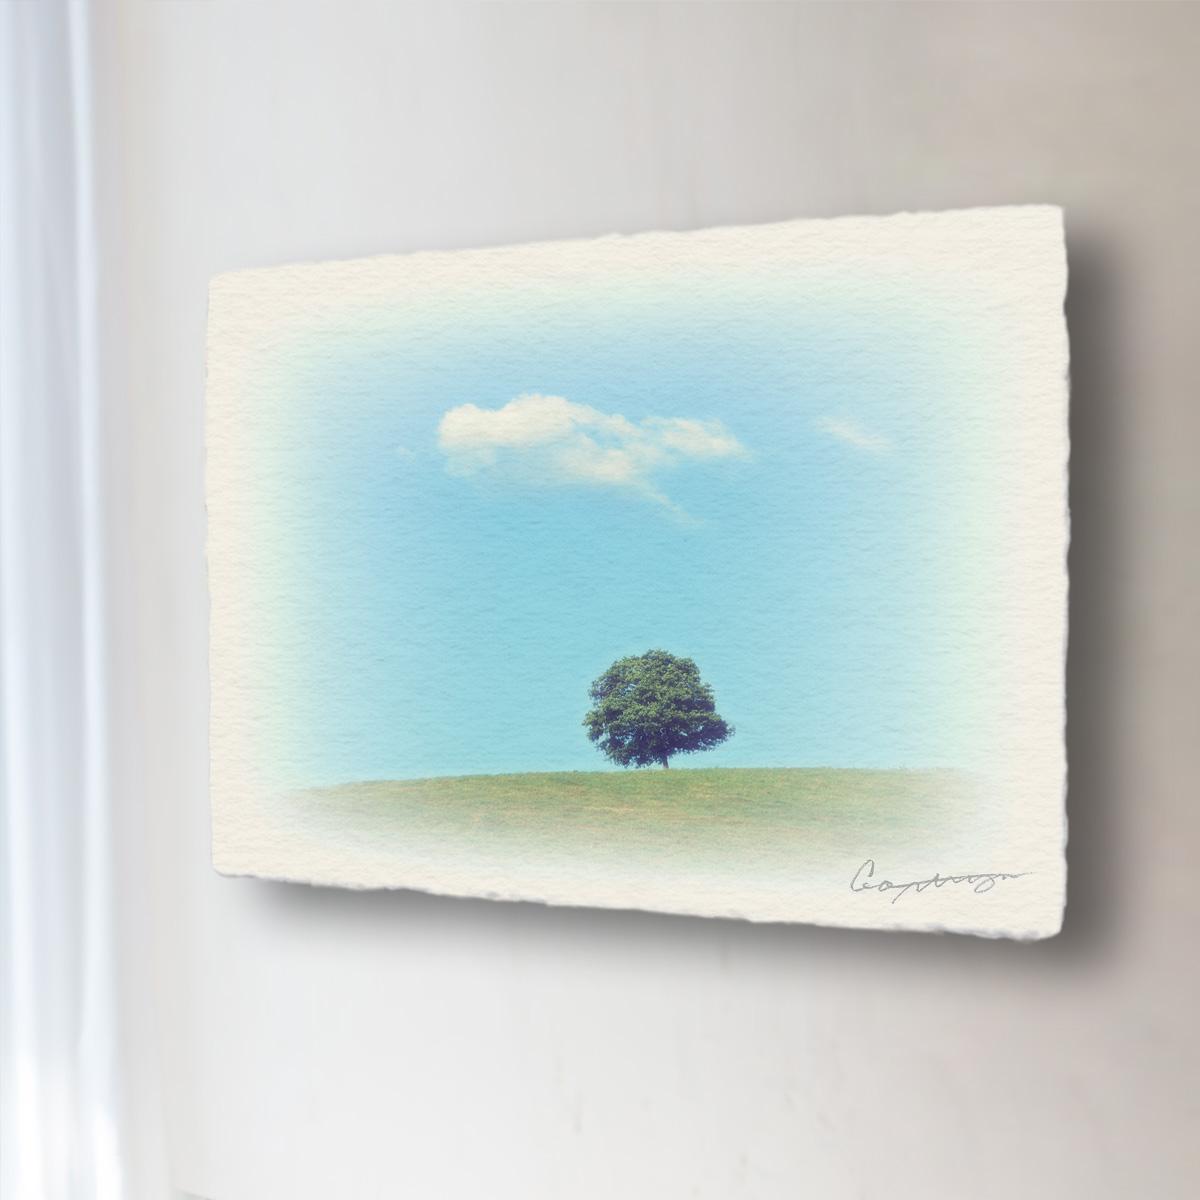 和紙 手作り アートパネル 「丘の上の木とはぐれ雲」(72x54cm) 絵画 絵 ポスター 壁掛け モダン アート 和風 オリジナル インテリア 風景画 ランキング おすすめ おしゃれ 人気 キッチン リビング ダイニング 玄関 和室